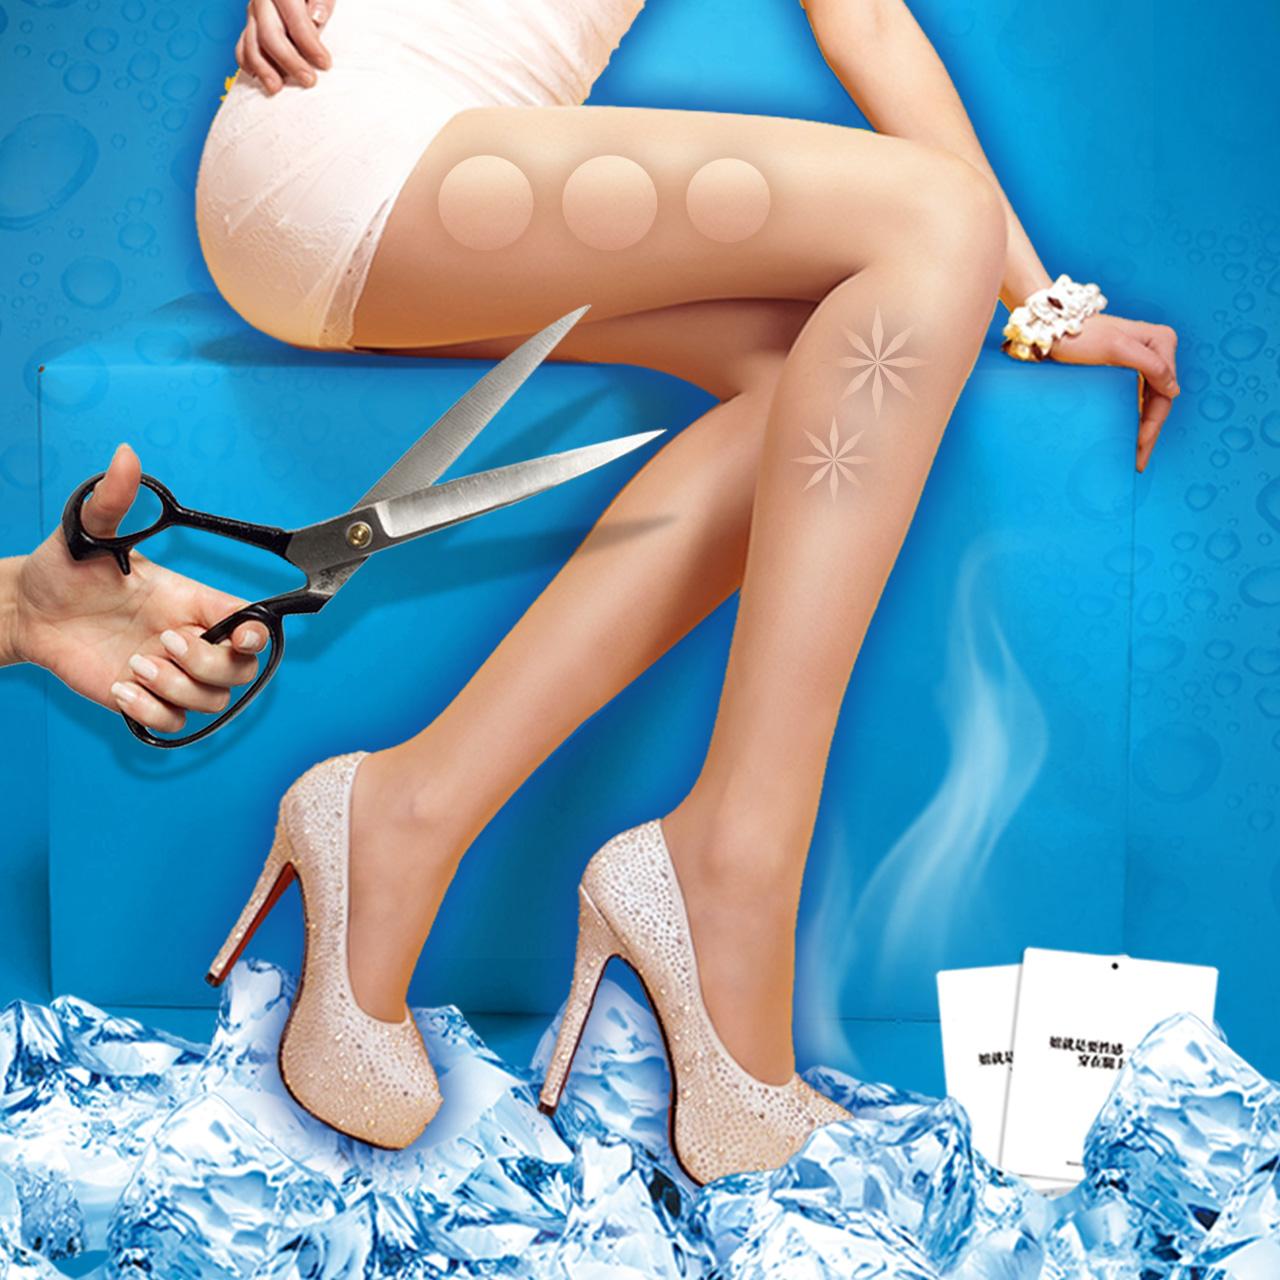 絲襪女薄款防勾絲超薄隱形夏季肉色超薄性感情趣長筒透明打底褲